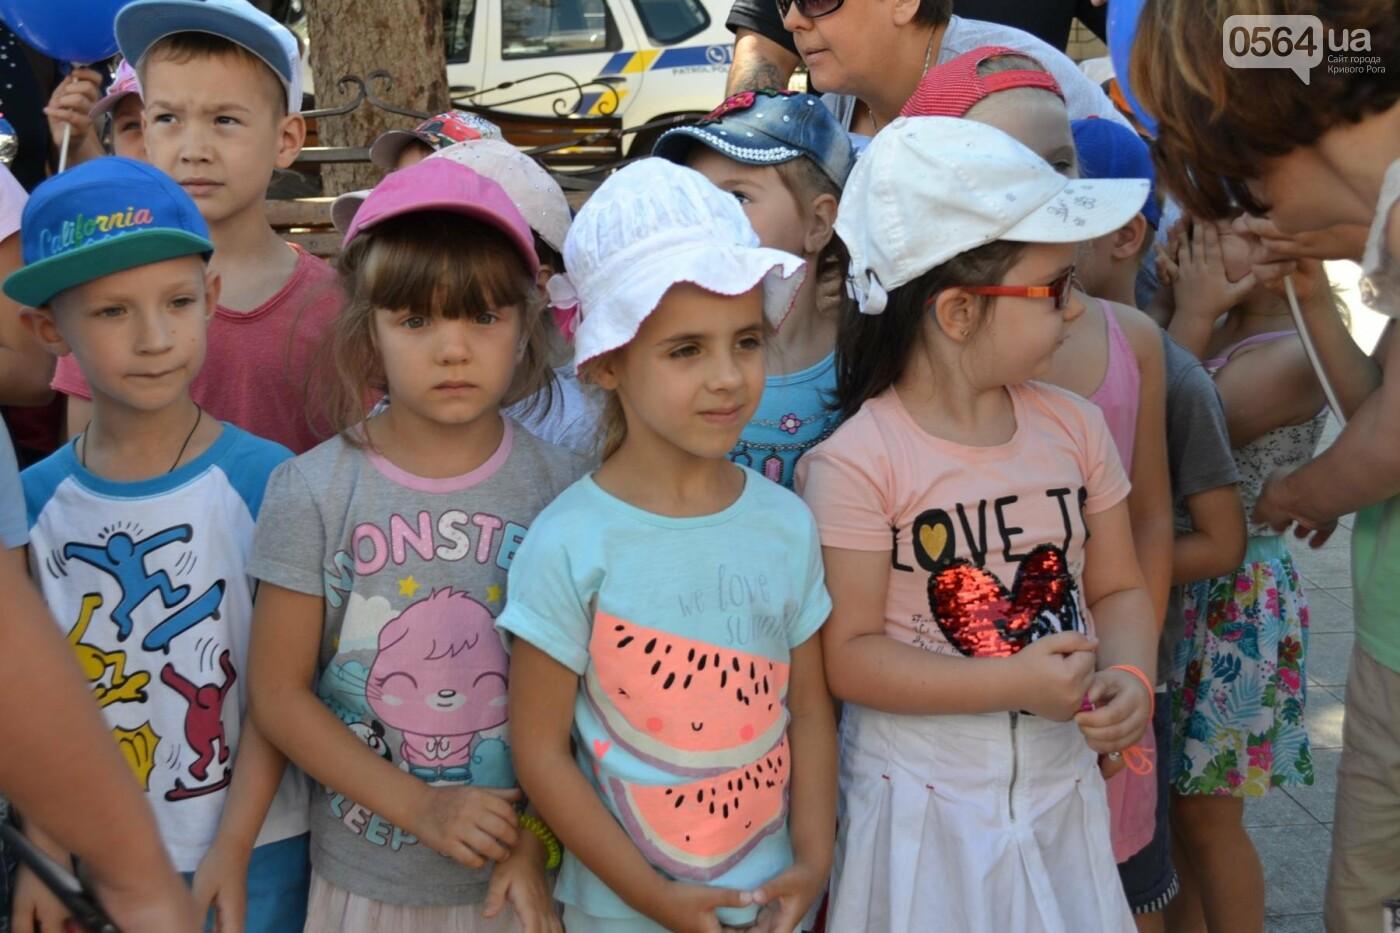 Патрульная полиция Кривого Рога отметила свой День рождения с детворой,- ФОТО, фото-9